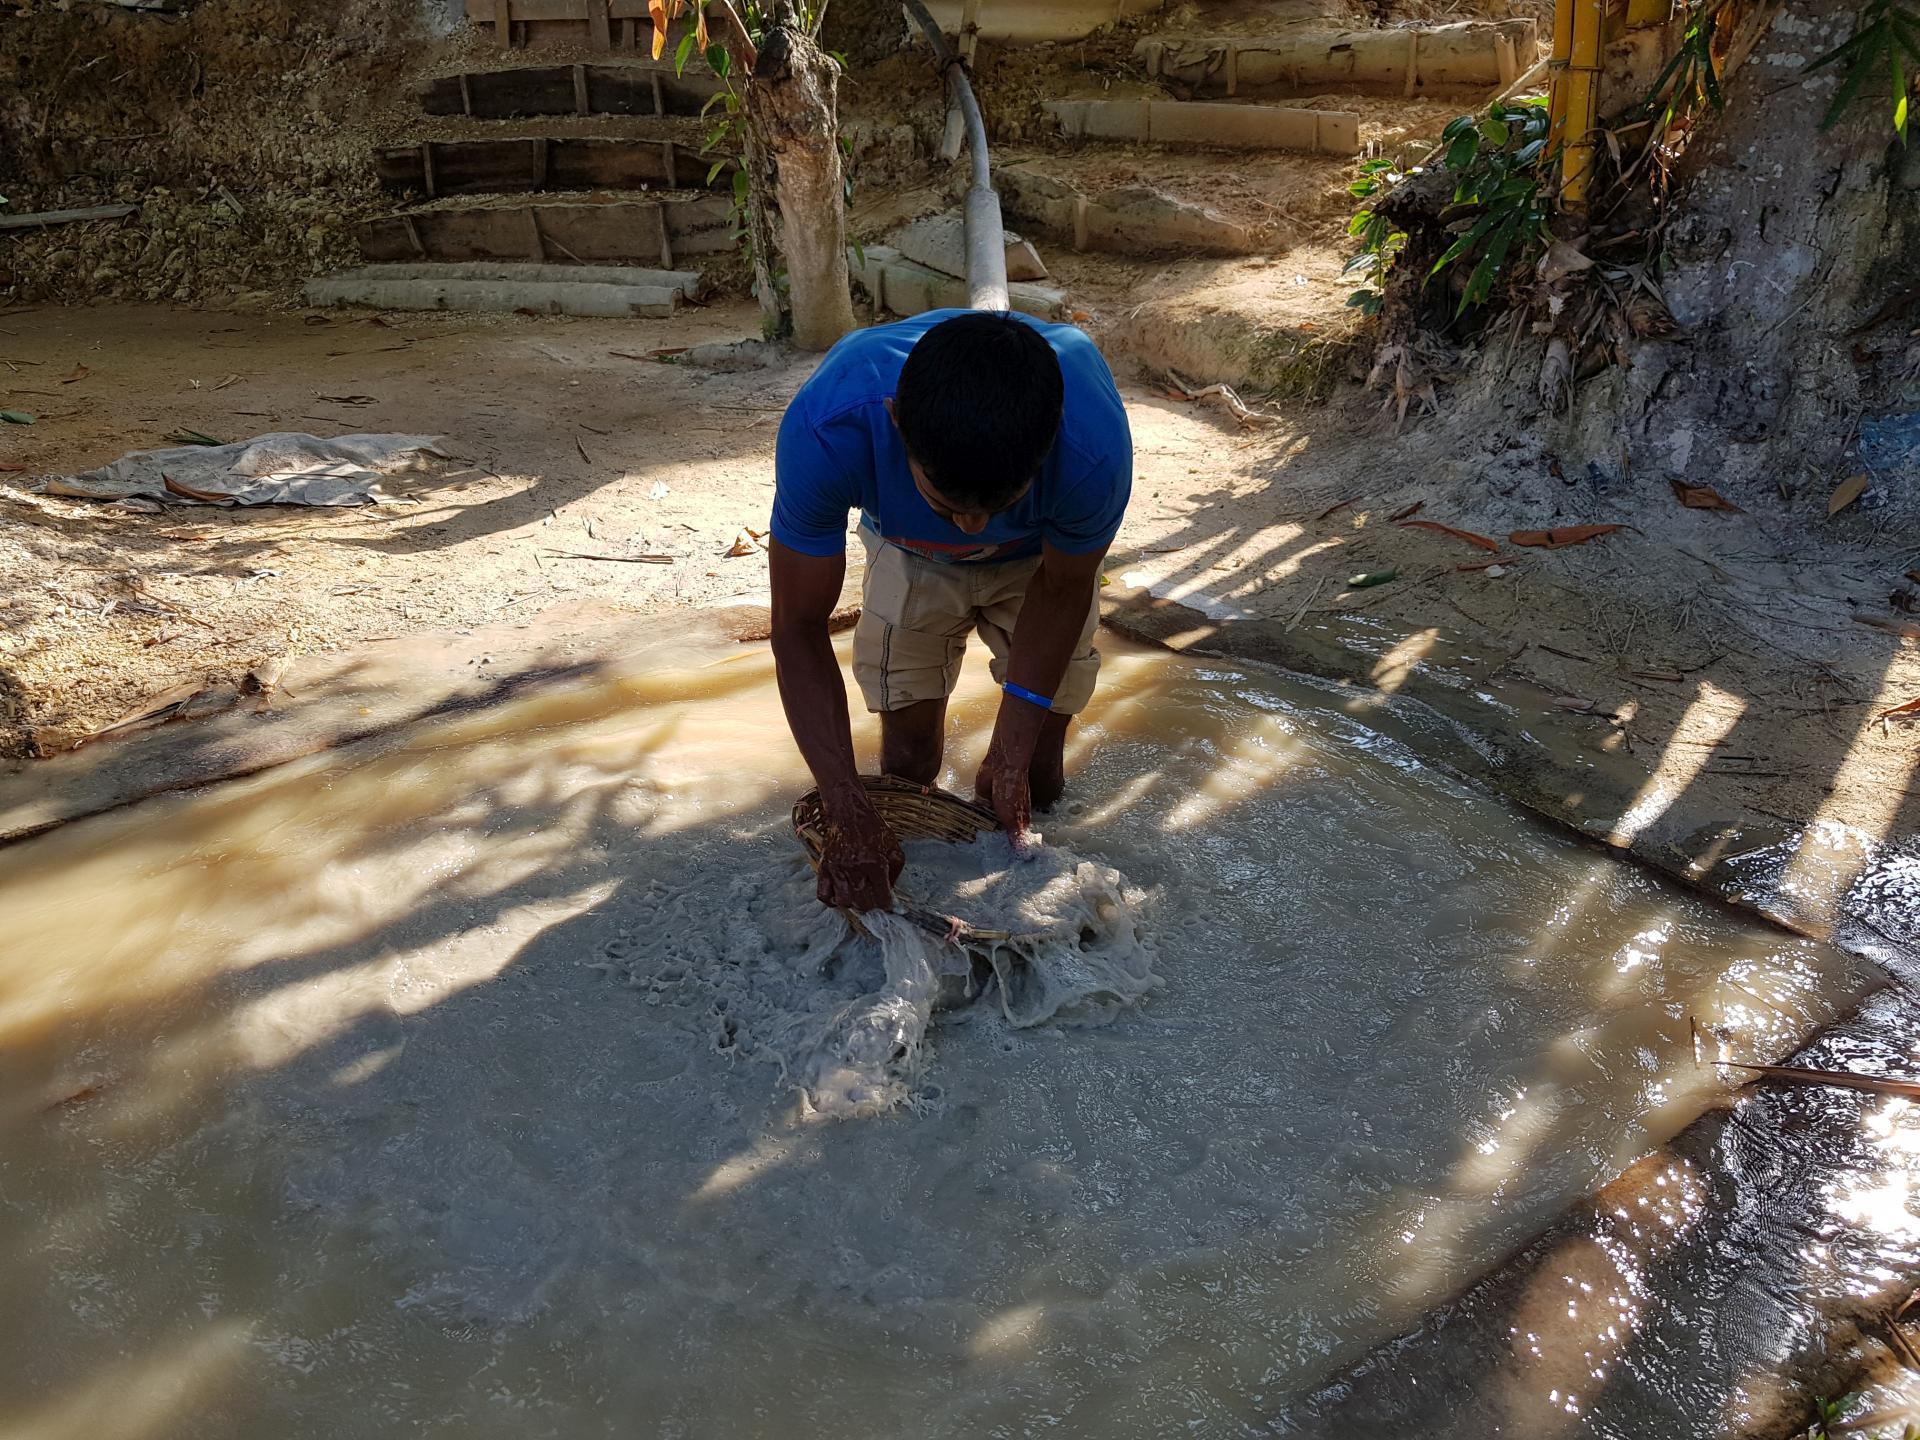 промывка породы для добычи драгоценных камней